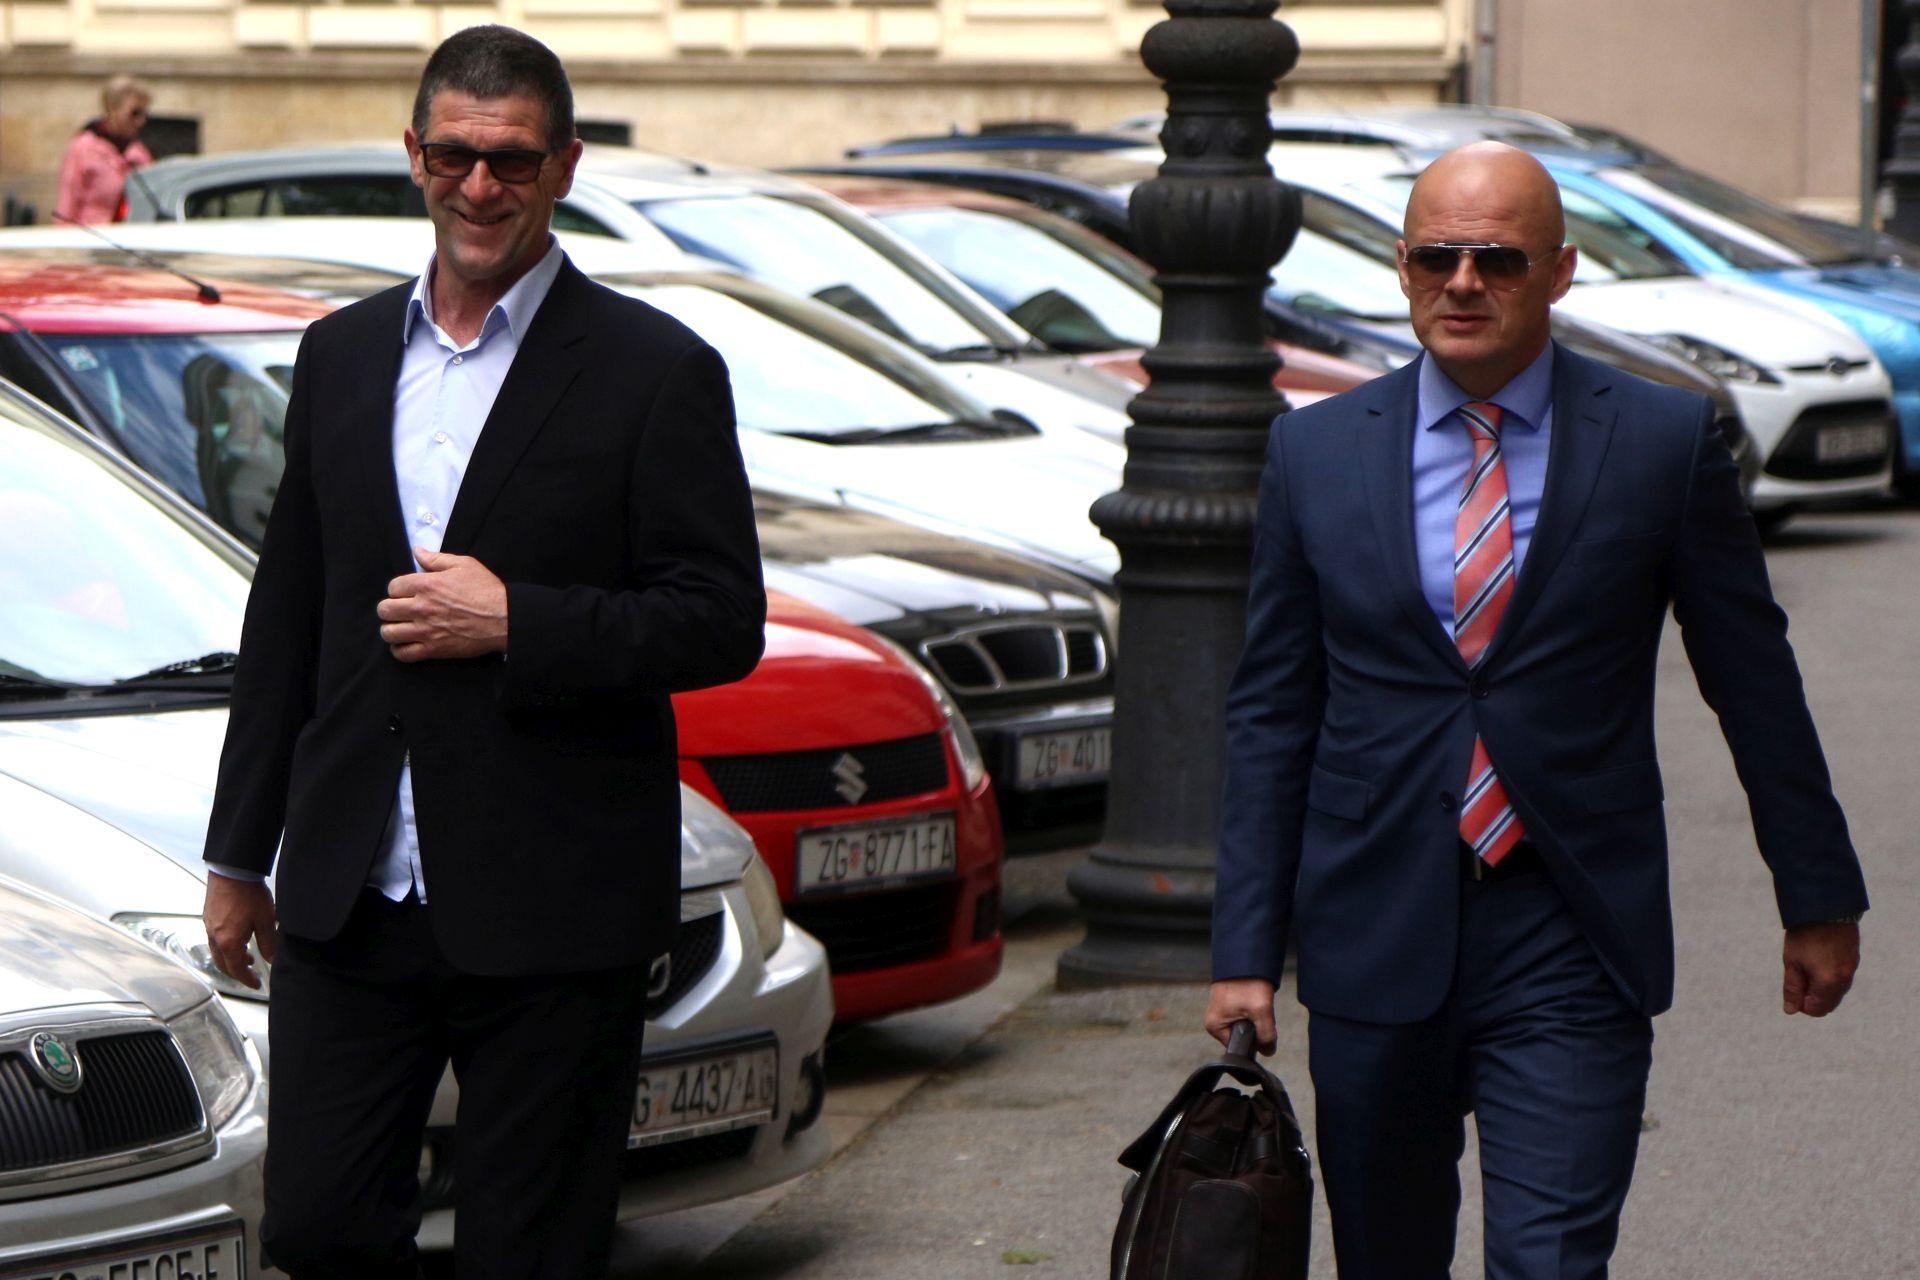 120 MILIJUNA KUNA Potvrđena optužnica protiv Sinovčića